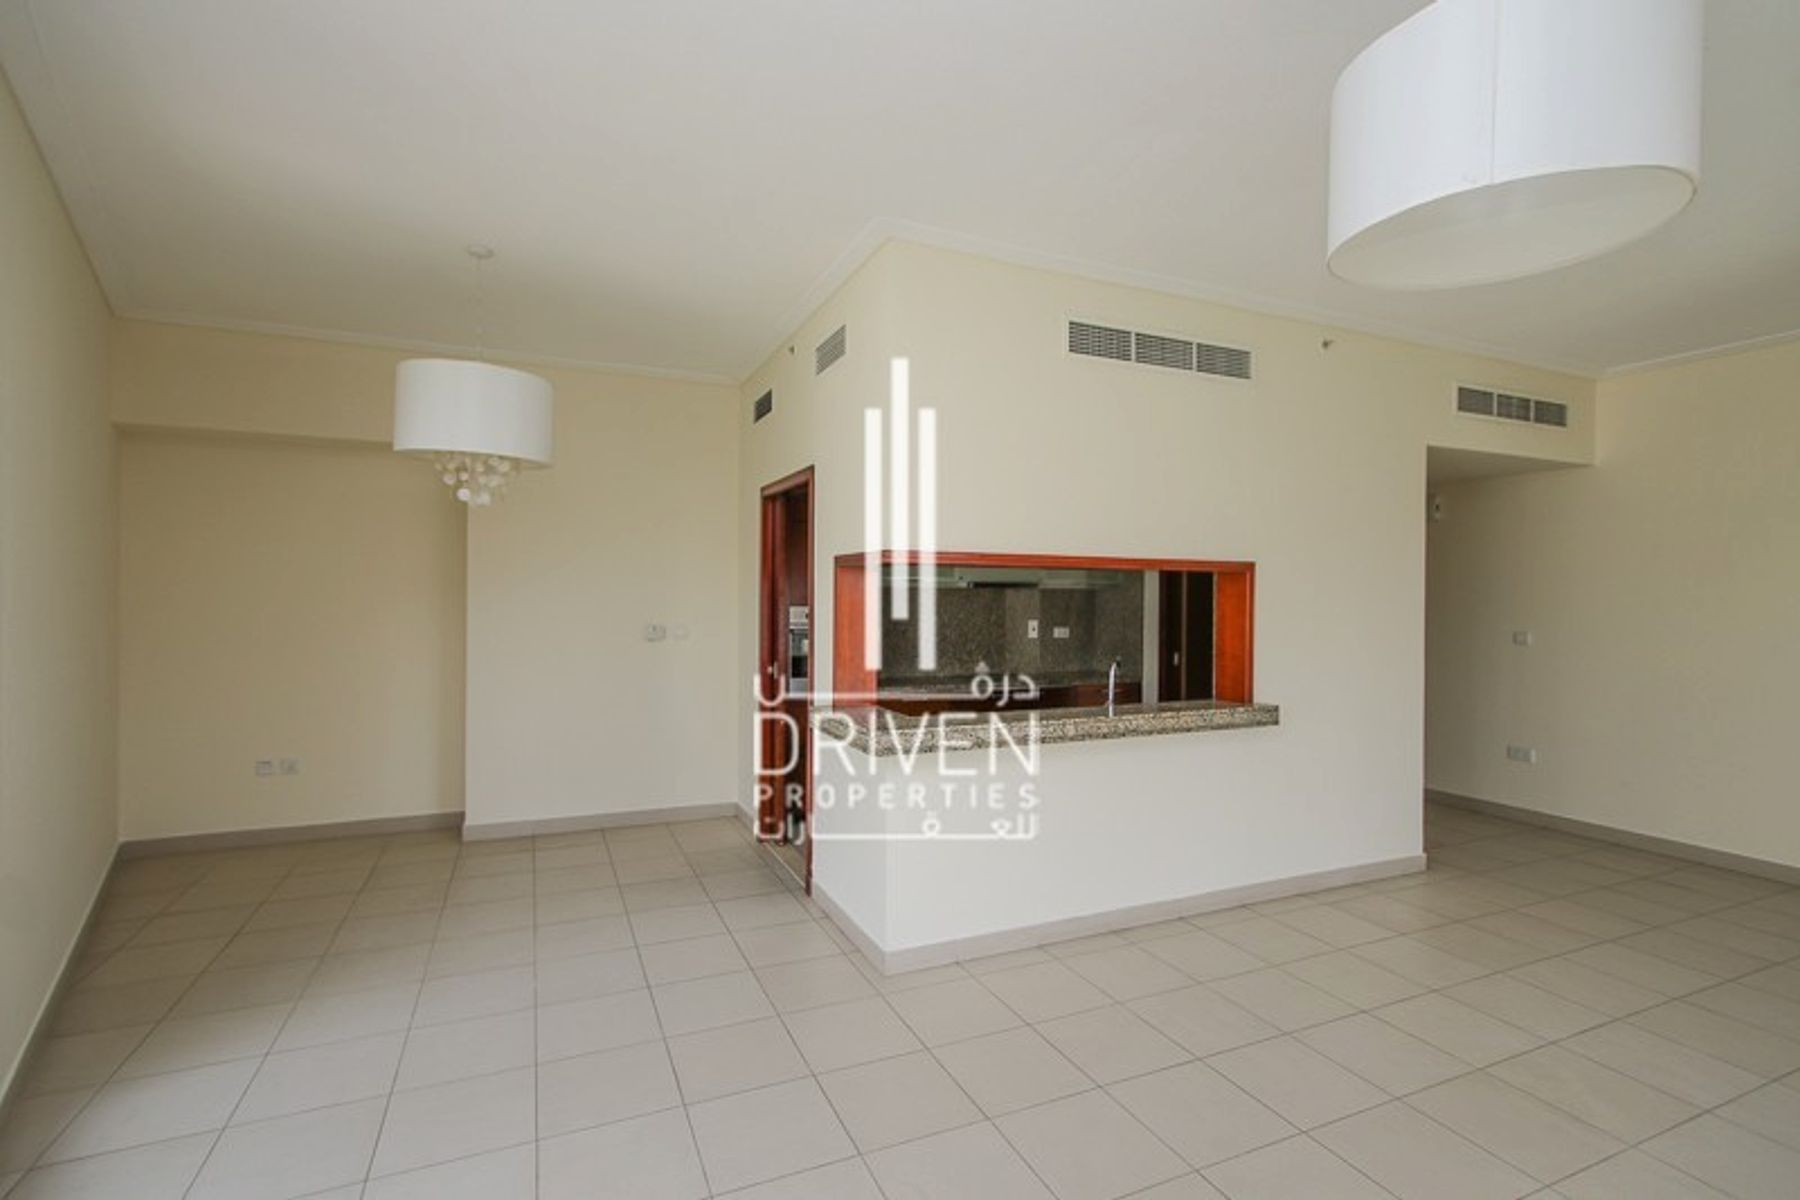 للبيع - شقة - البرج الجنوبي 4 - دبي وسط المدينة